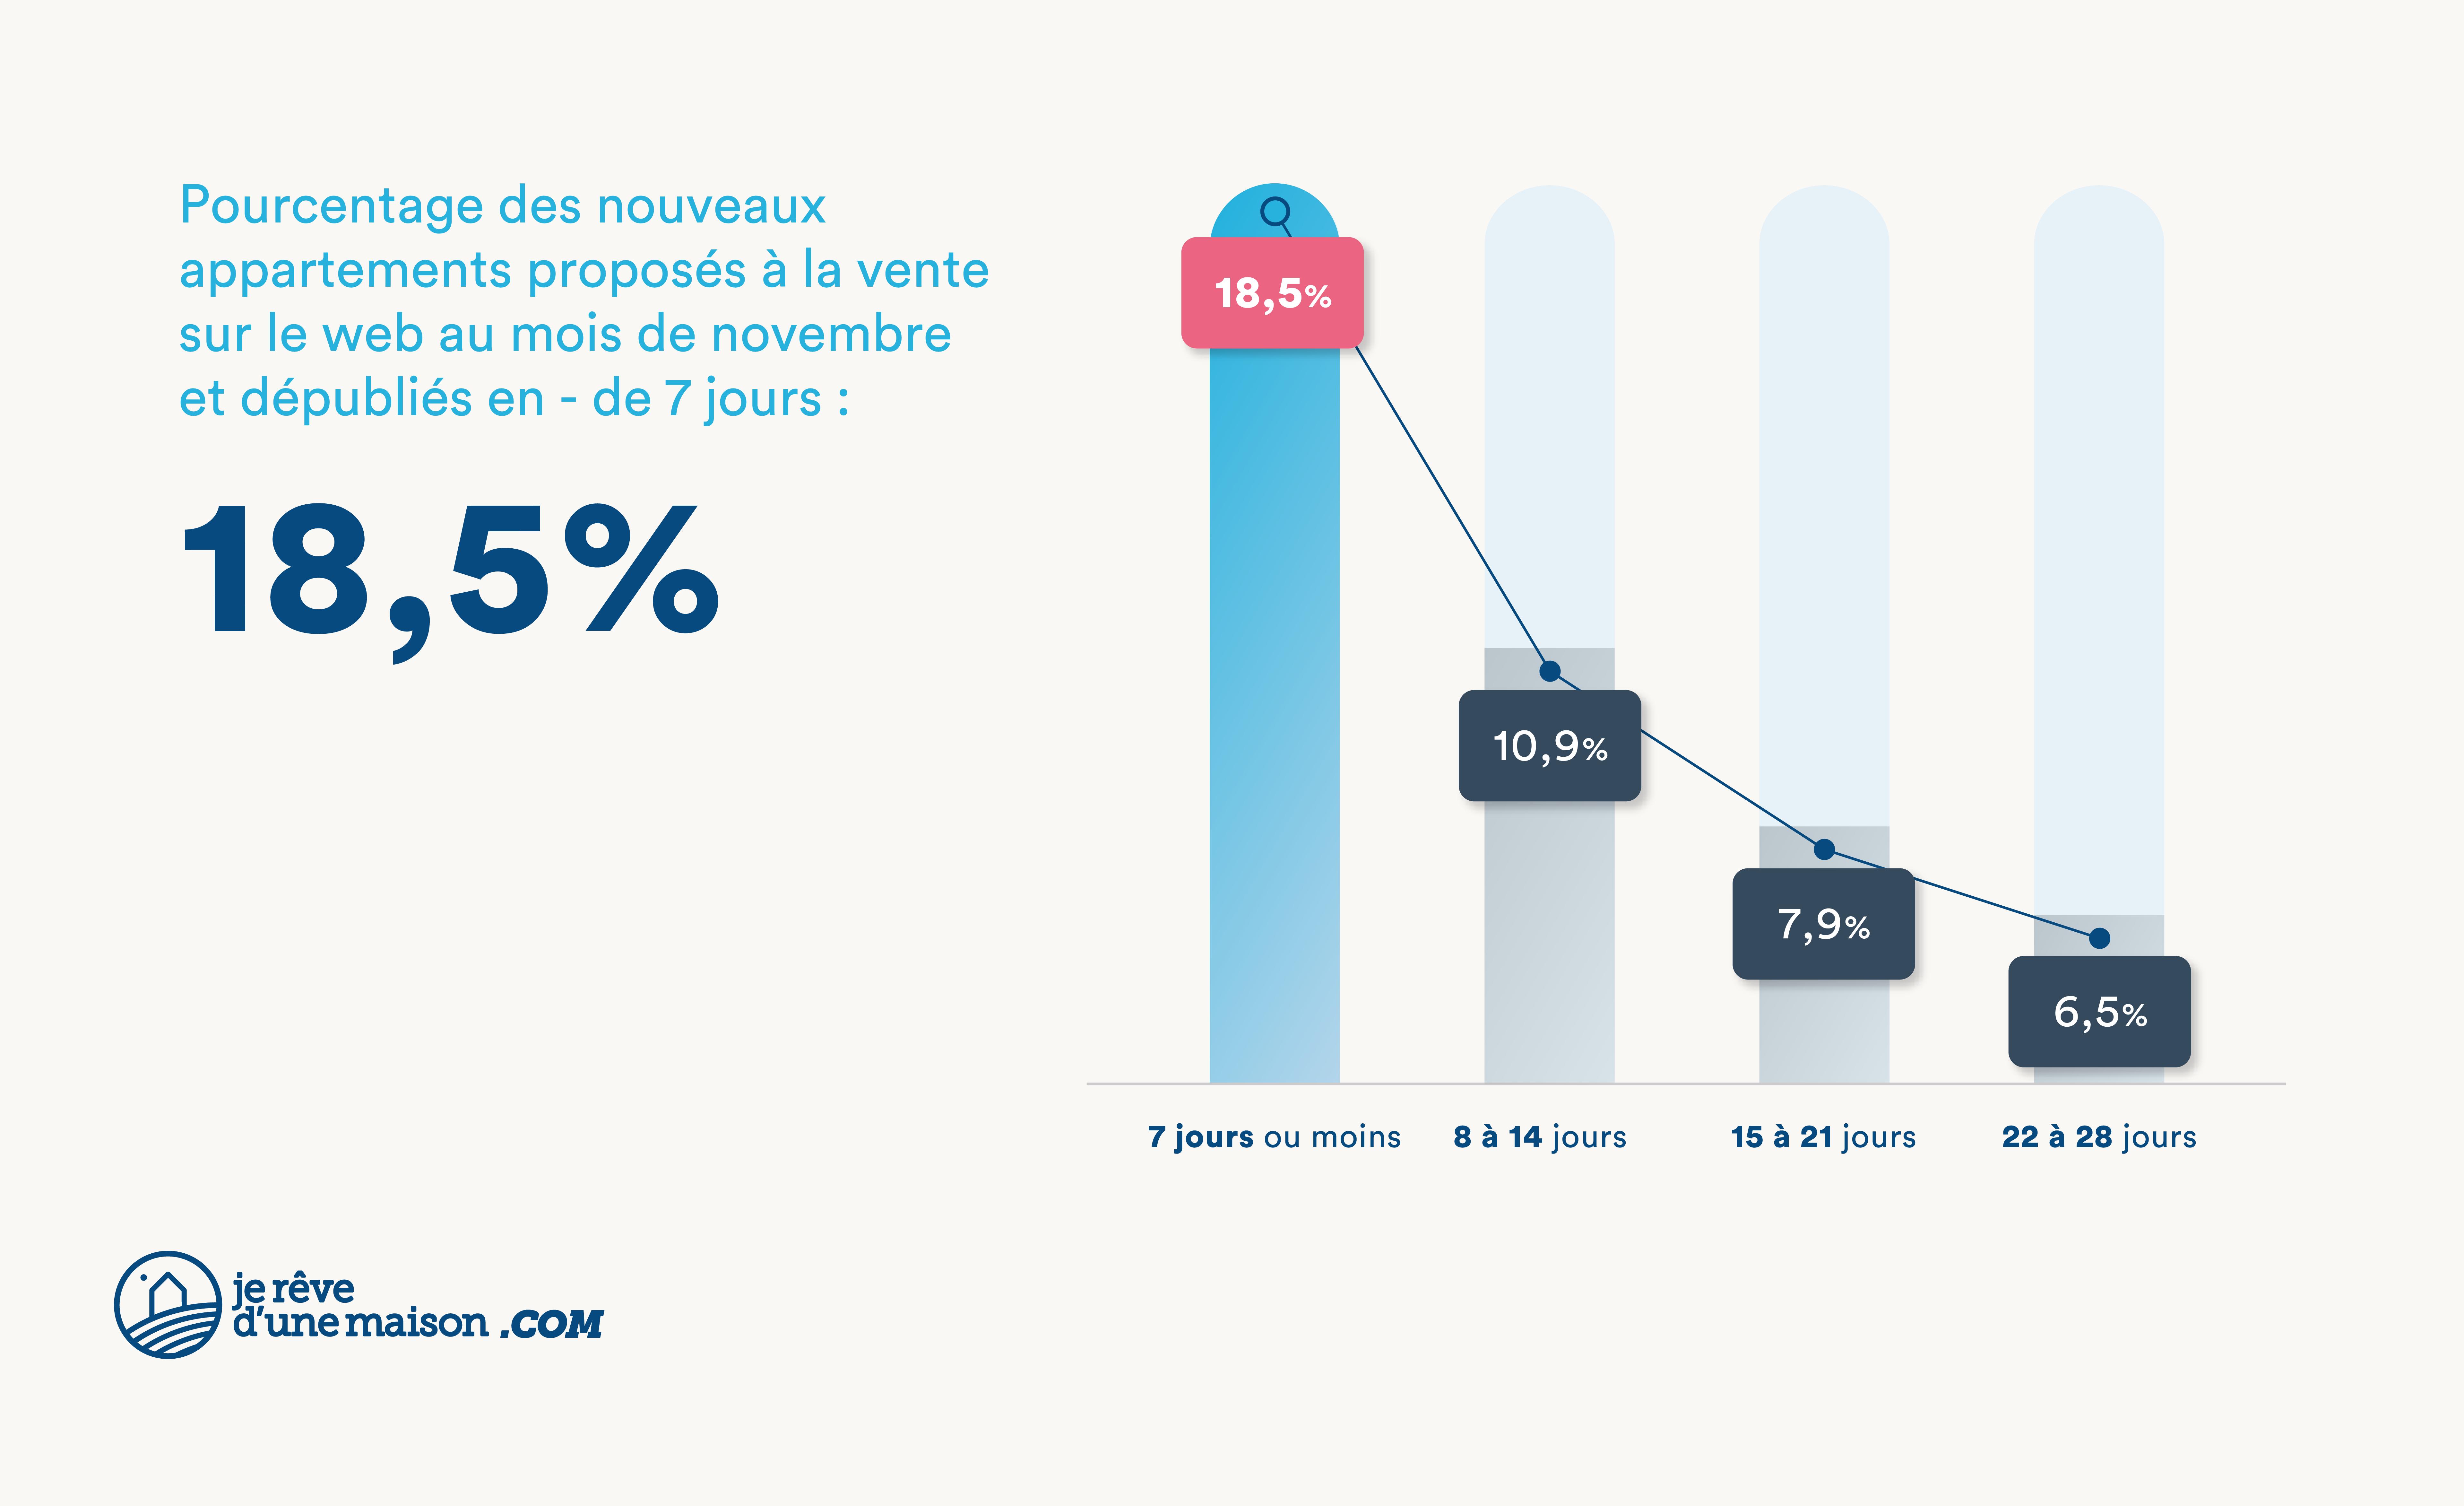 Pourcentage des nouveaux appartements proposés à la vente sur le web au mois de novembre et dépubliés en moins de 7 jours